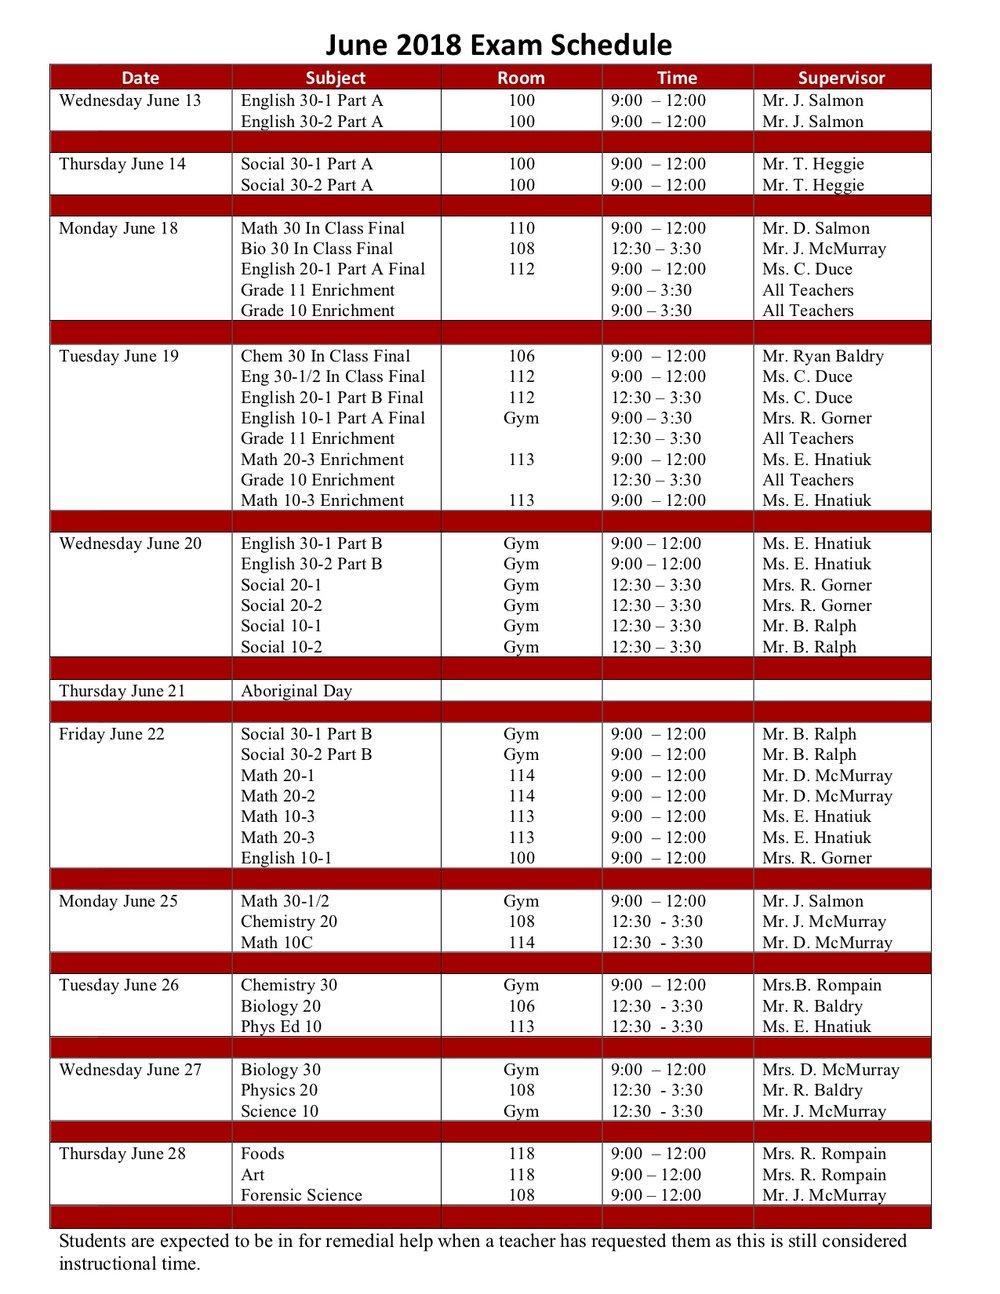 June 2018 Final Exam Schedule.jpg